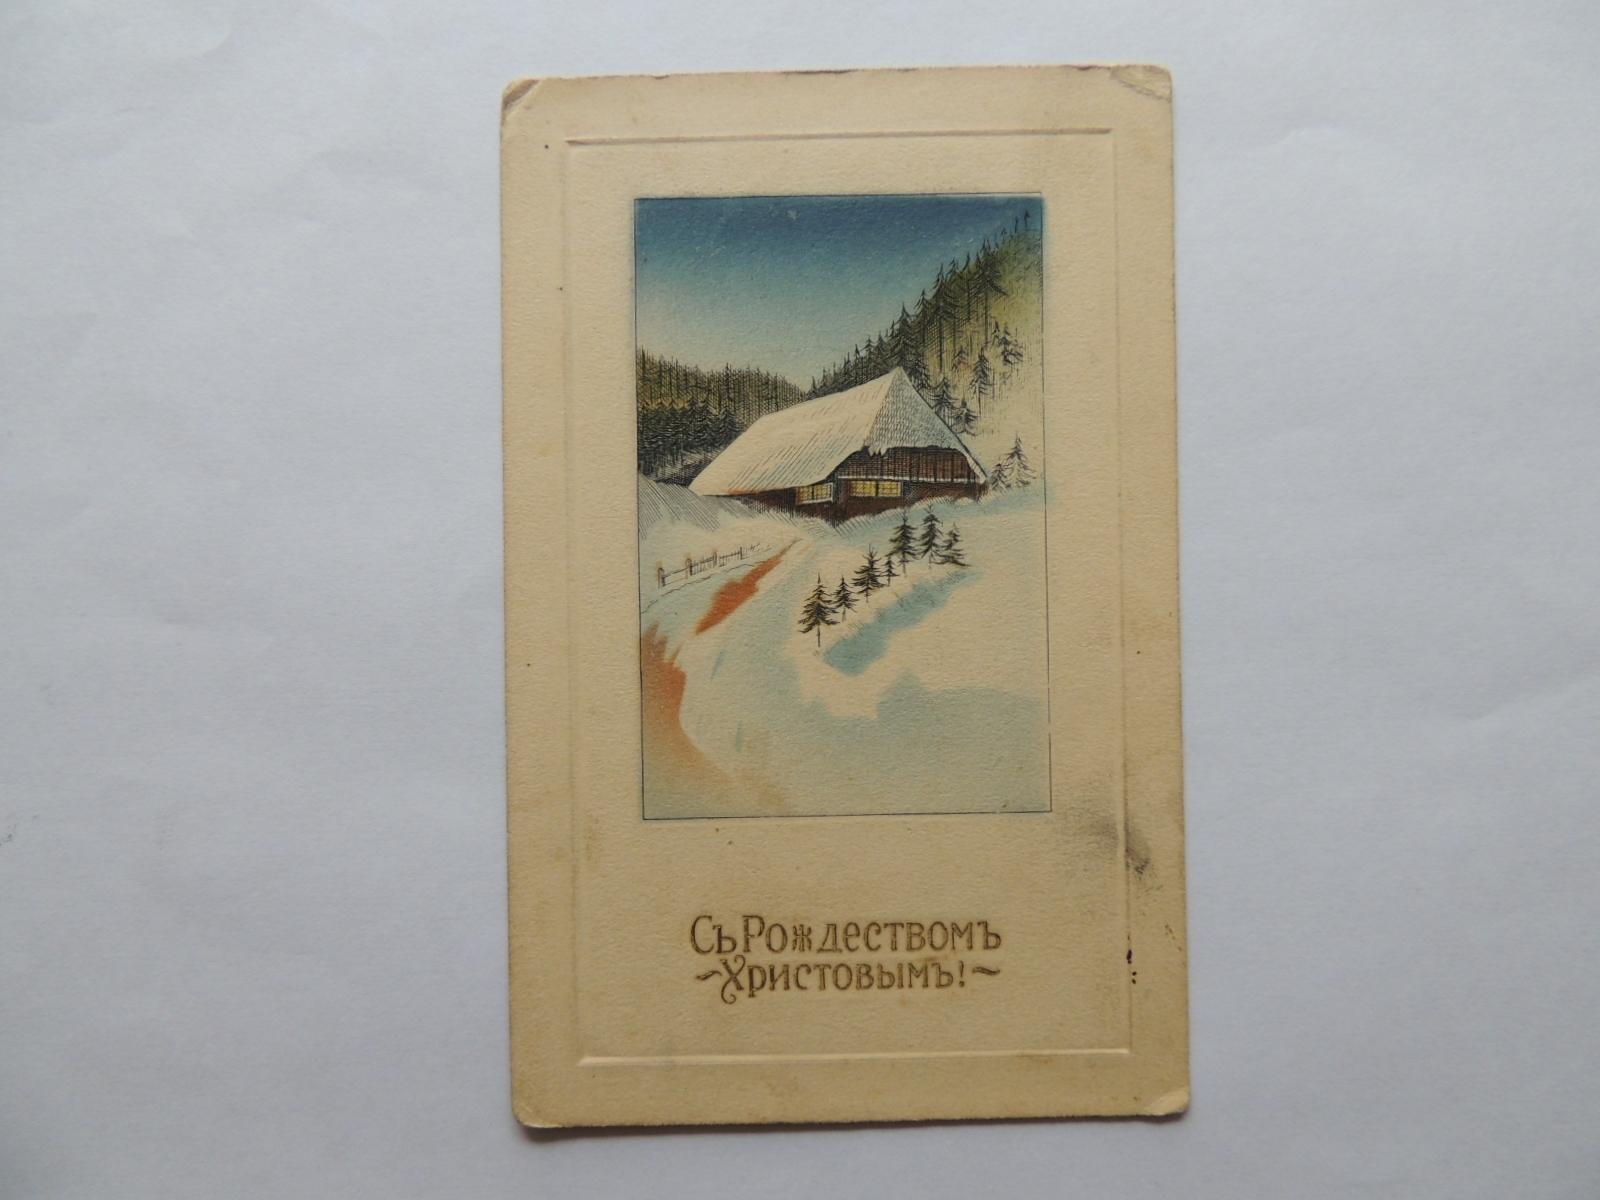 Открытки, ценные и редкие открытки